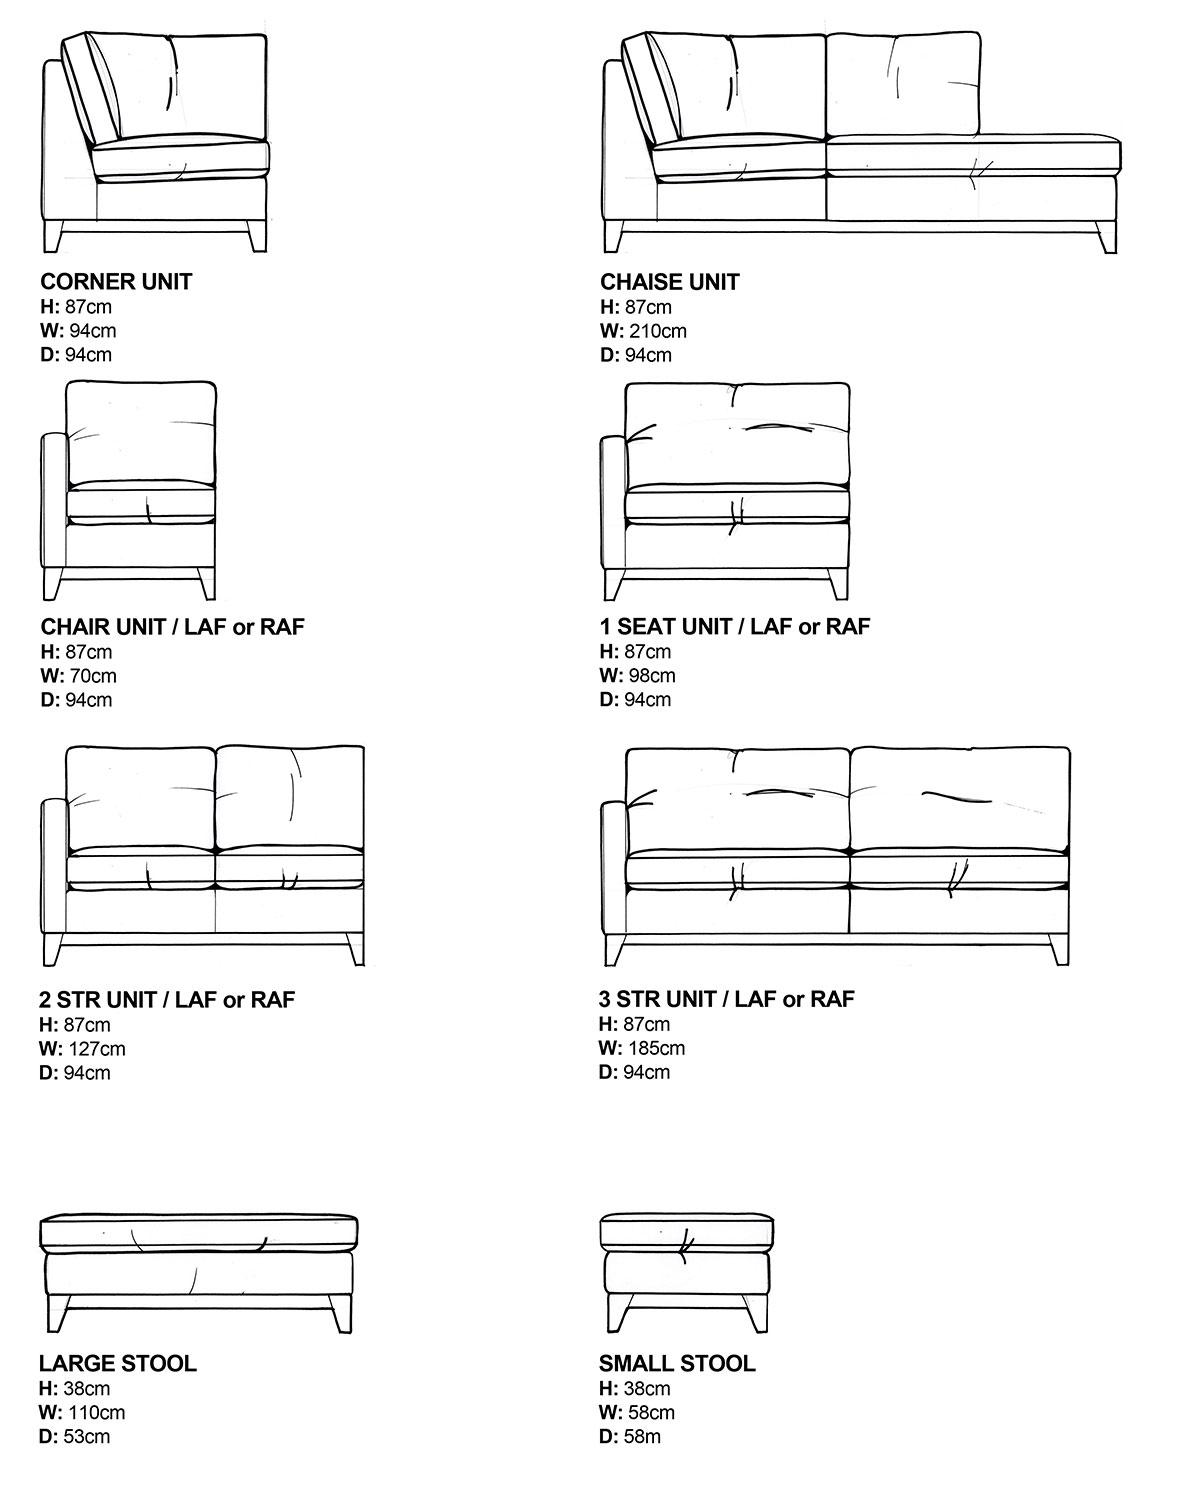 Yeoman-Line-Drawings-cook.jpg